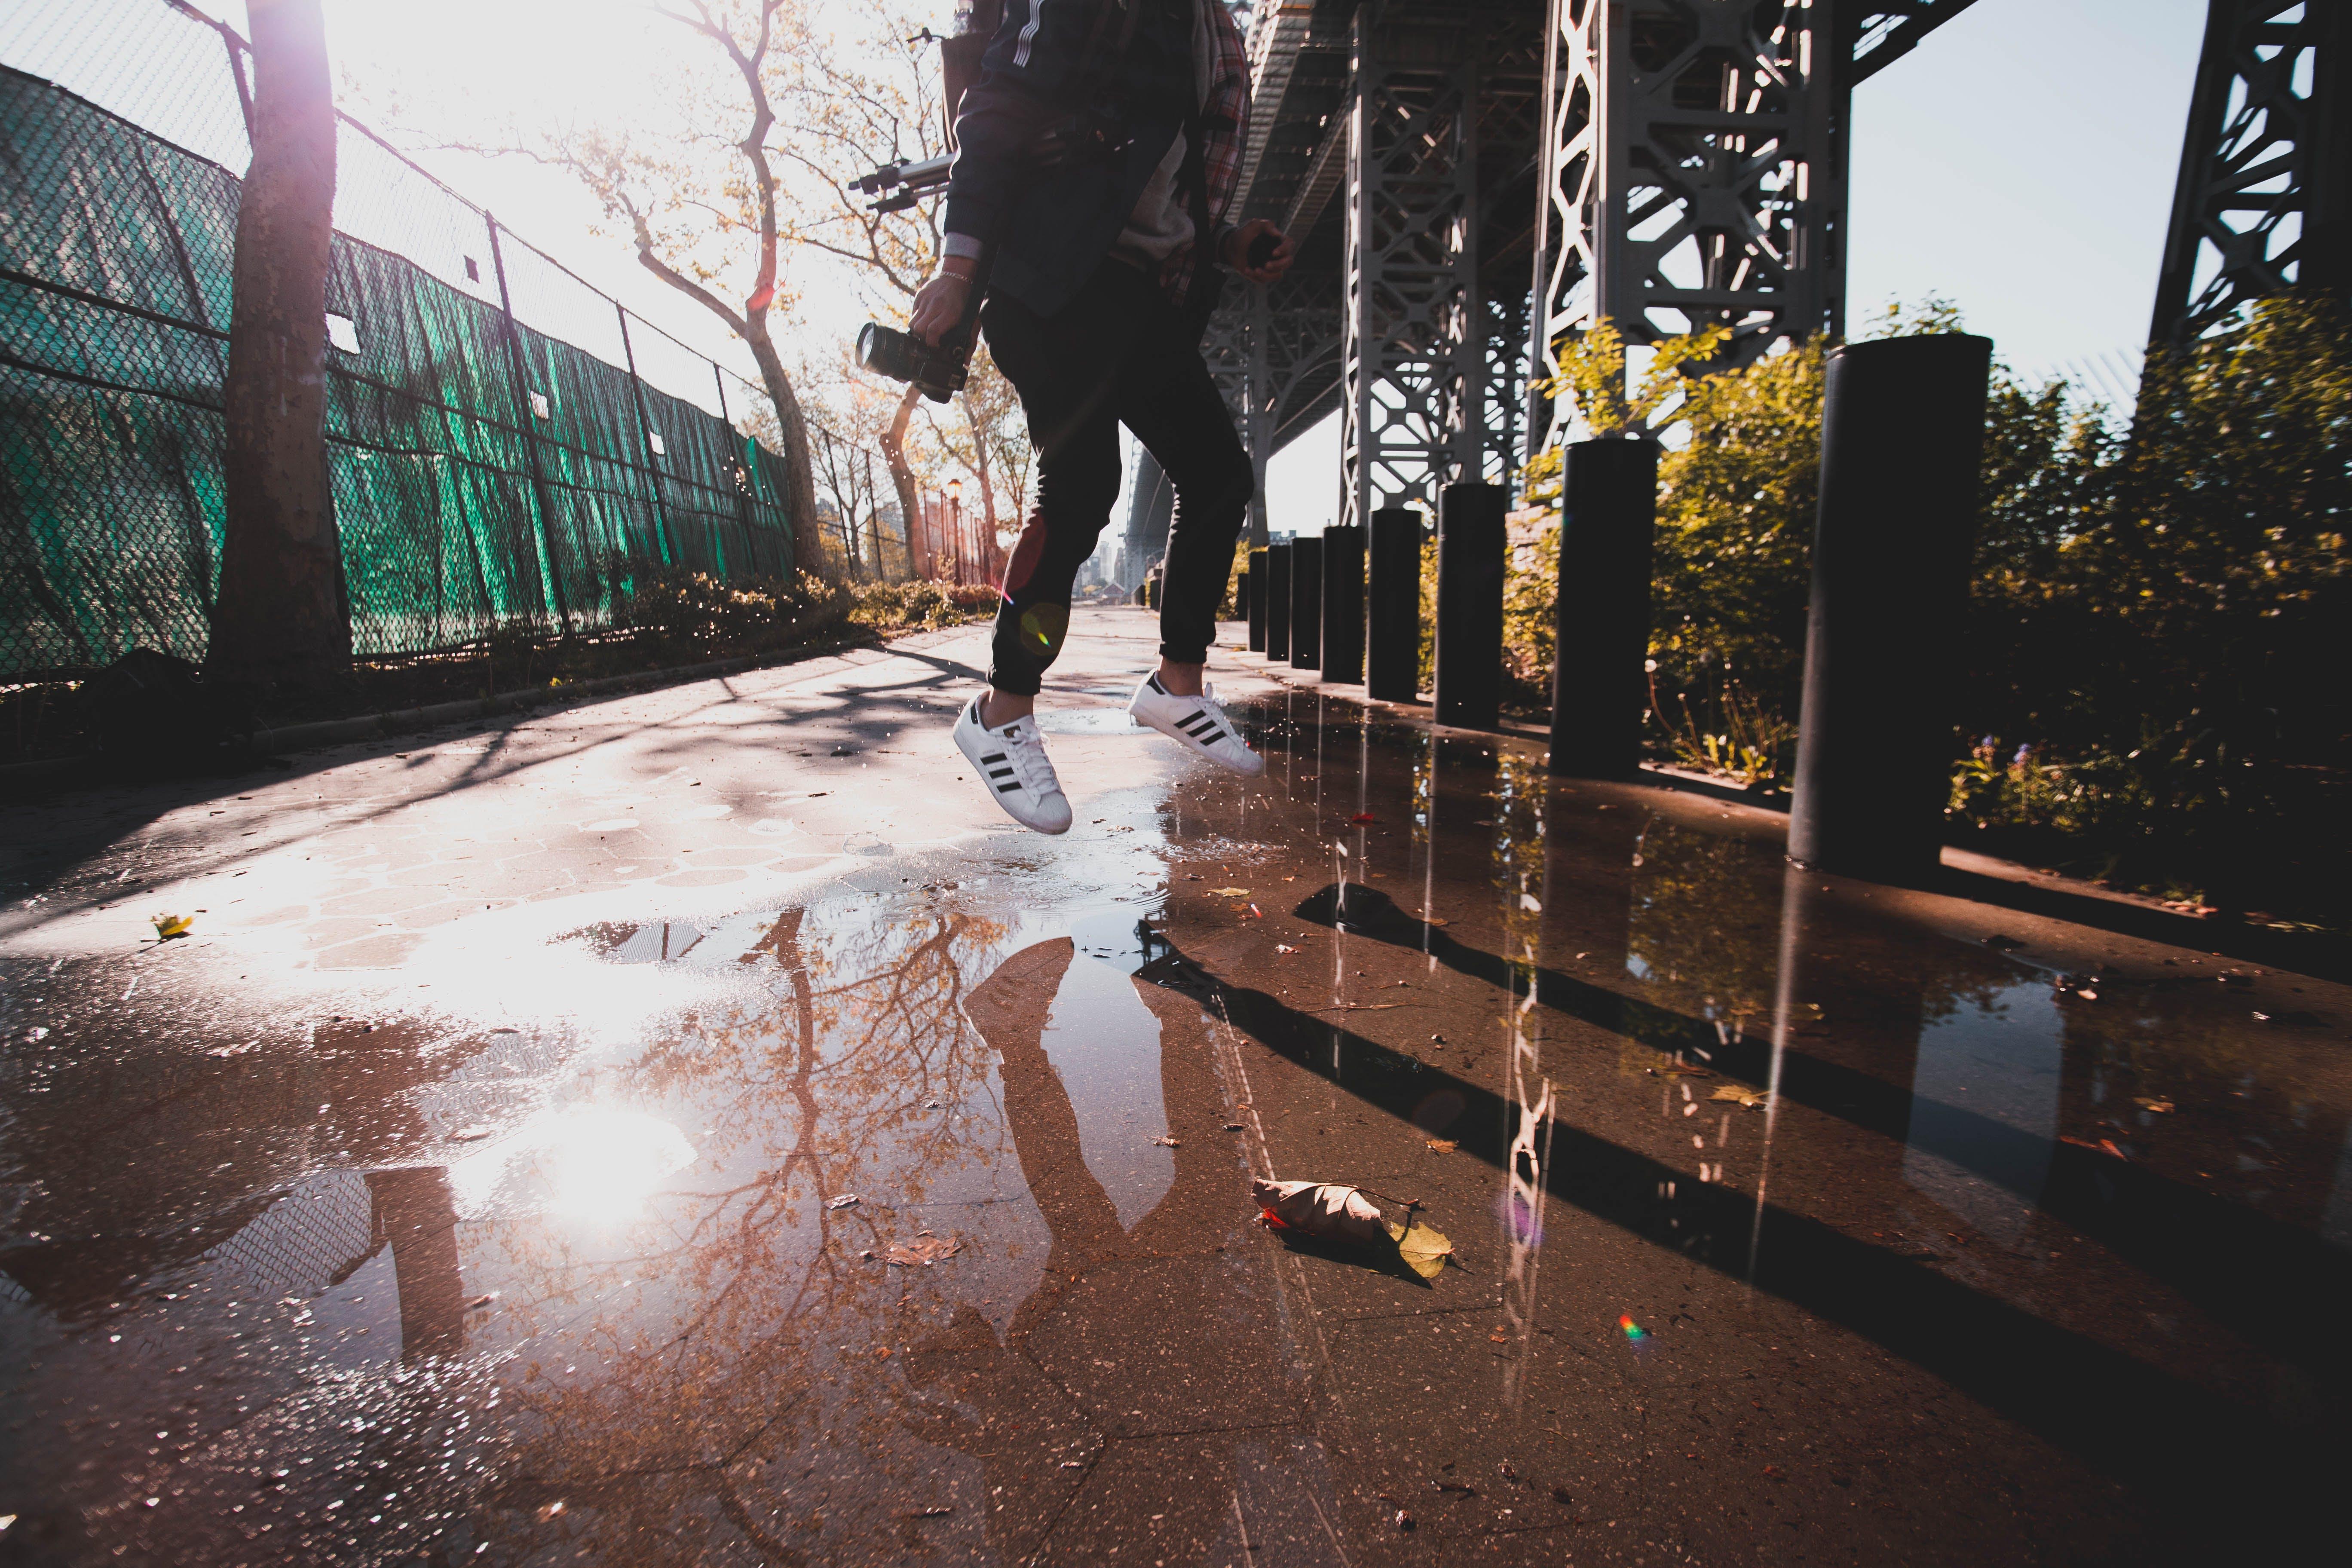 가벼운, 그래피티, 남자, 다리의 무료 스톡 사진